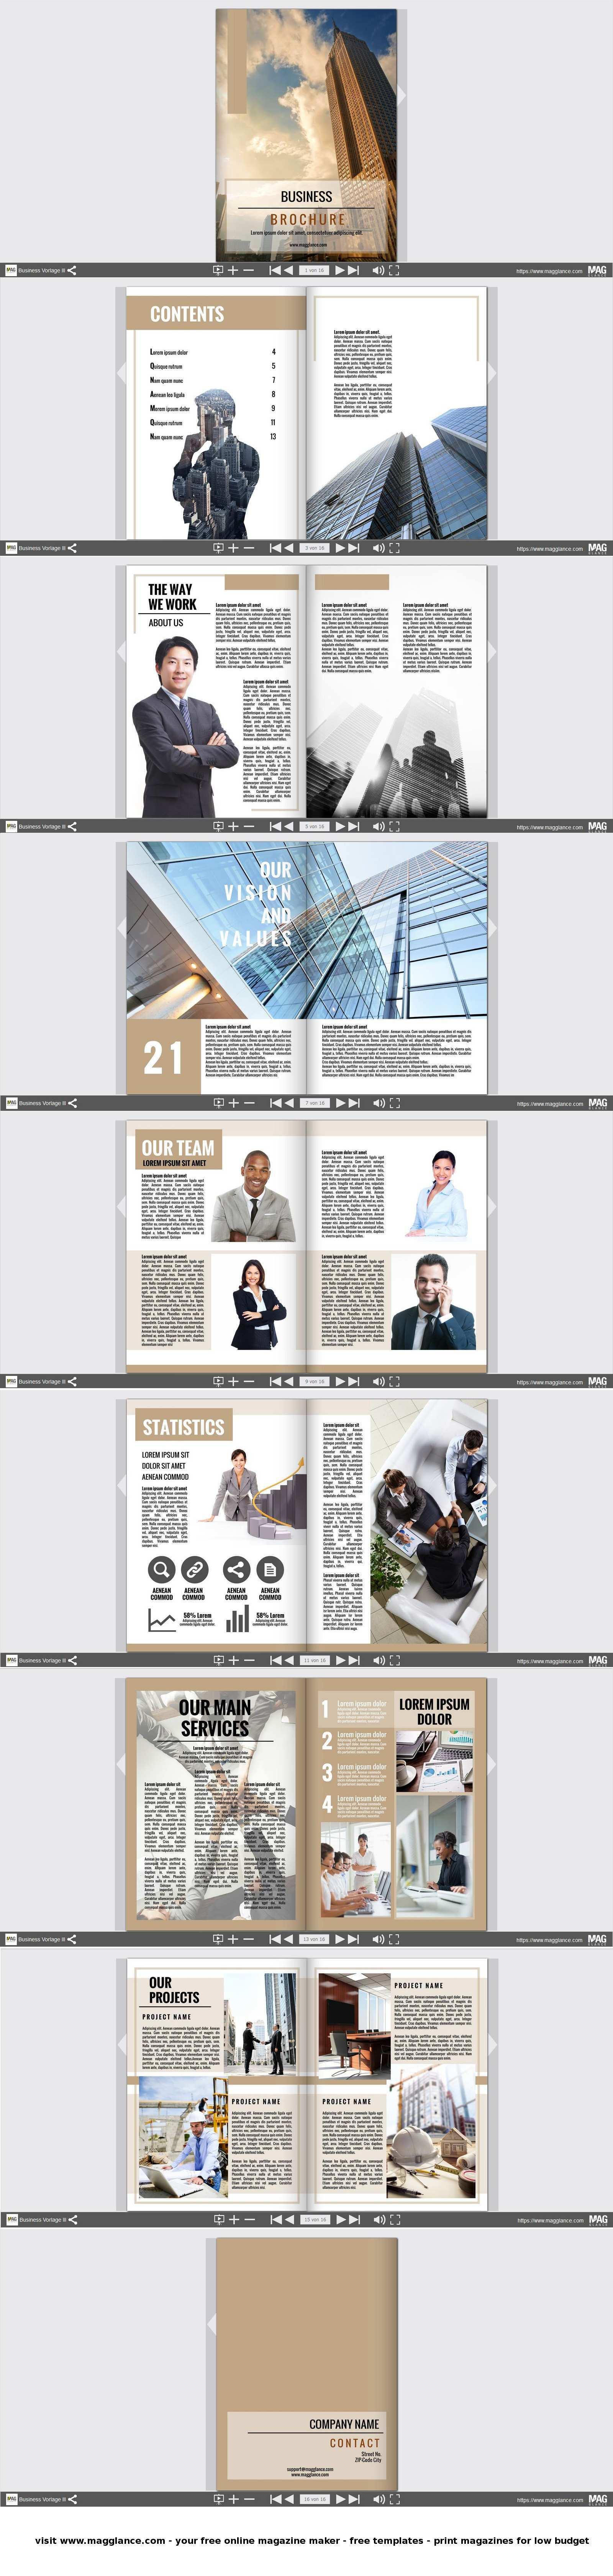 Business Broschure Kostenlos Online Erstellen Und Gunstig Drucken Unter De Magglance Com Broschure Firmenzeitung Broschure Broschure Design Broschure Vorlage